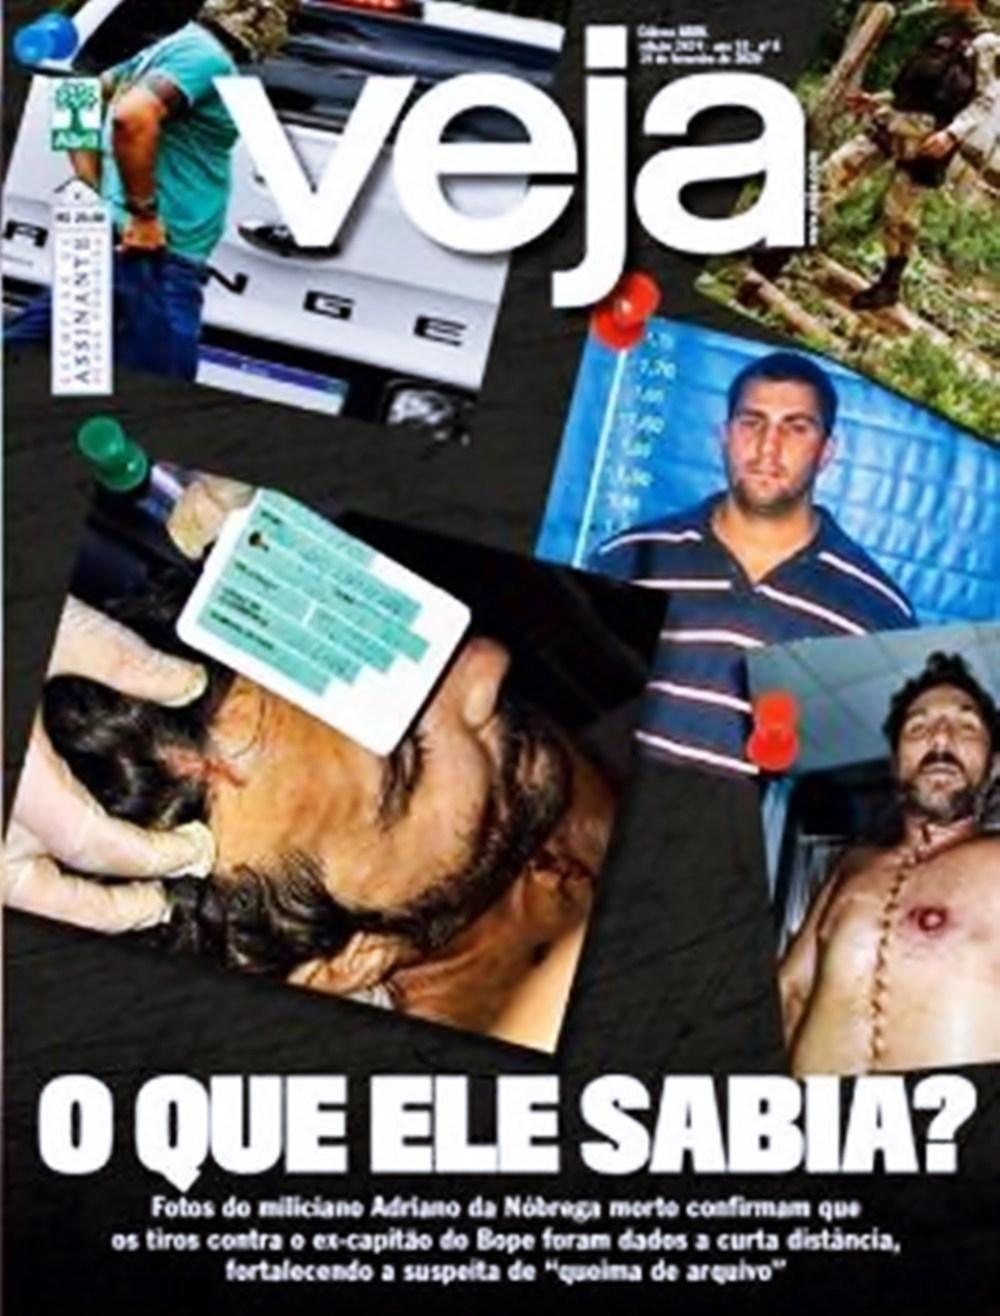 _Capa da Revista Veja sobre o caso